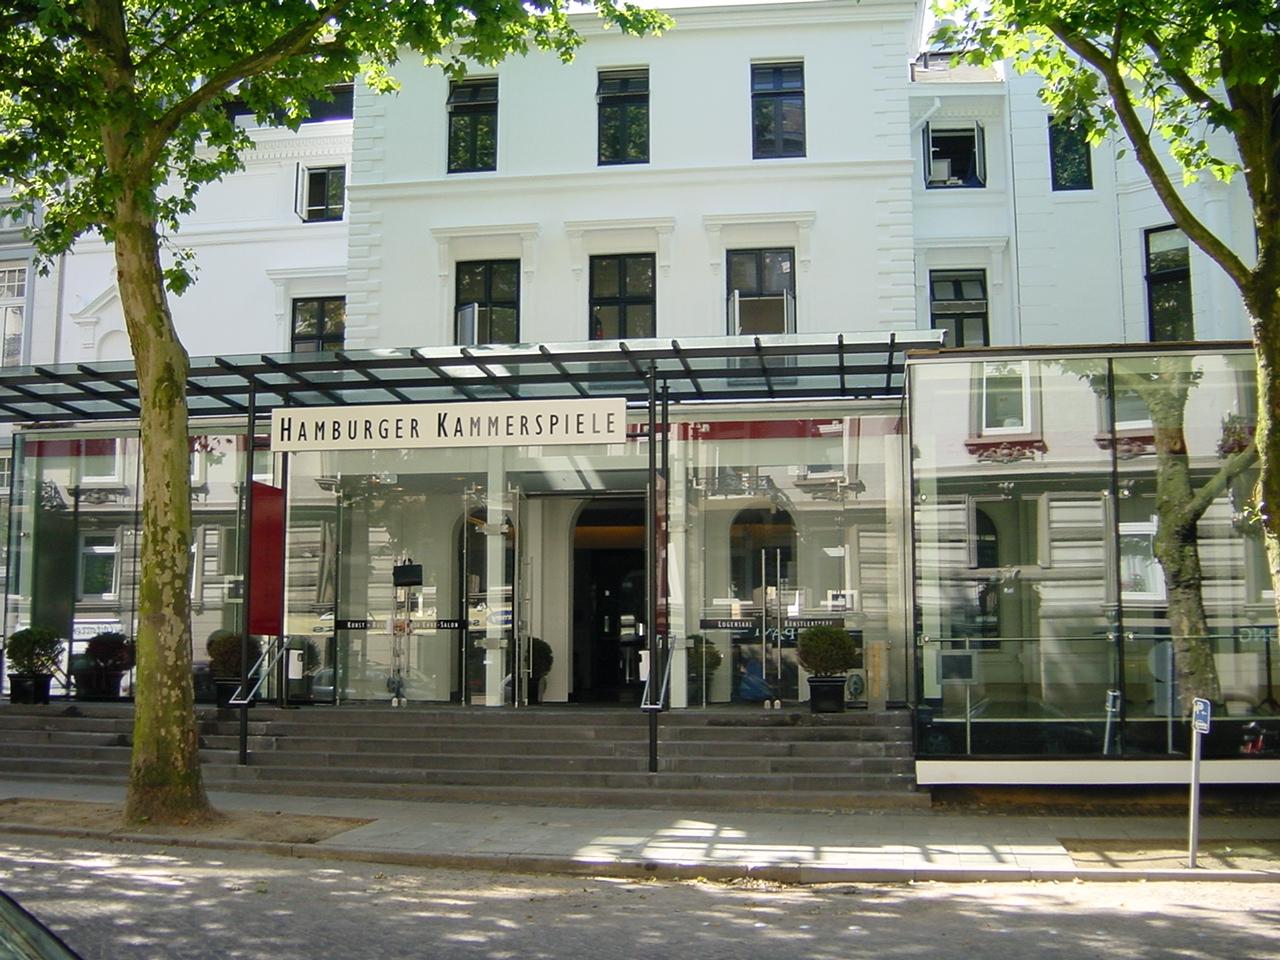 Bild Hamburger Kammerspiele